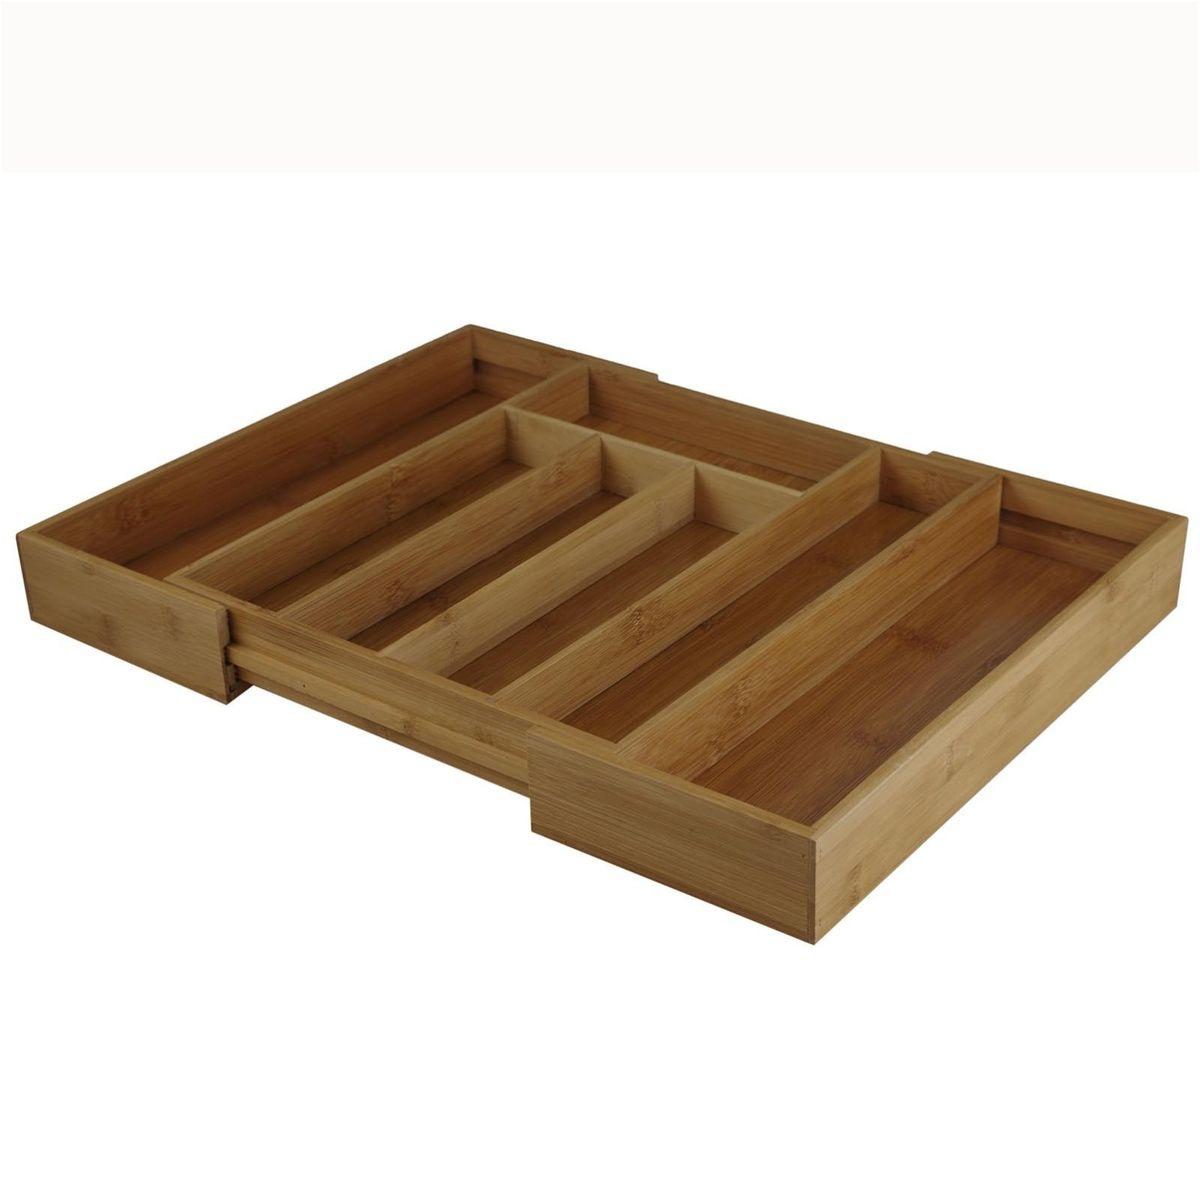 Full Size of Schubladeneinsatz Küche Sofa Hersteller Wohnzimmer Schubladeneinsatz Teller